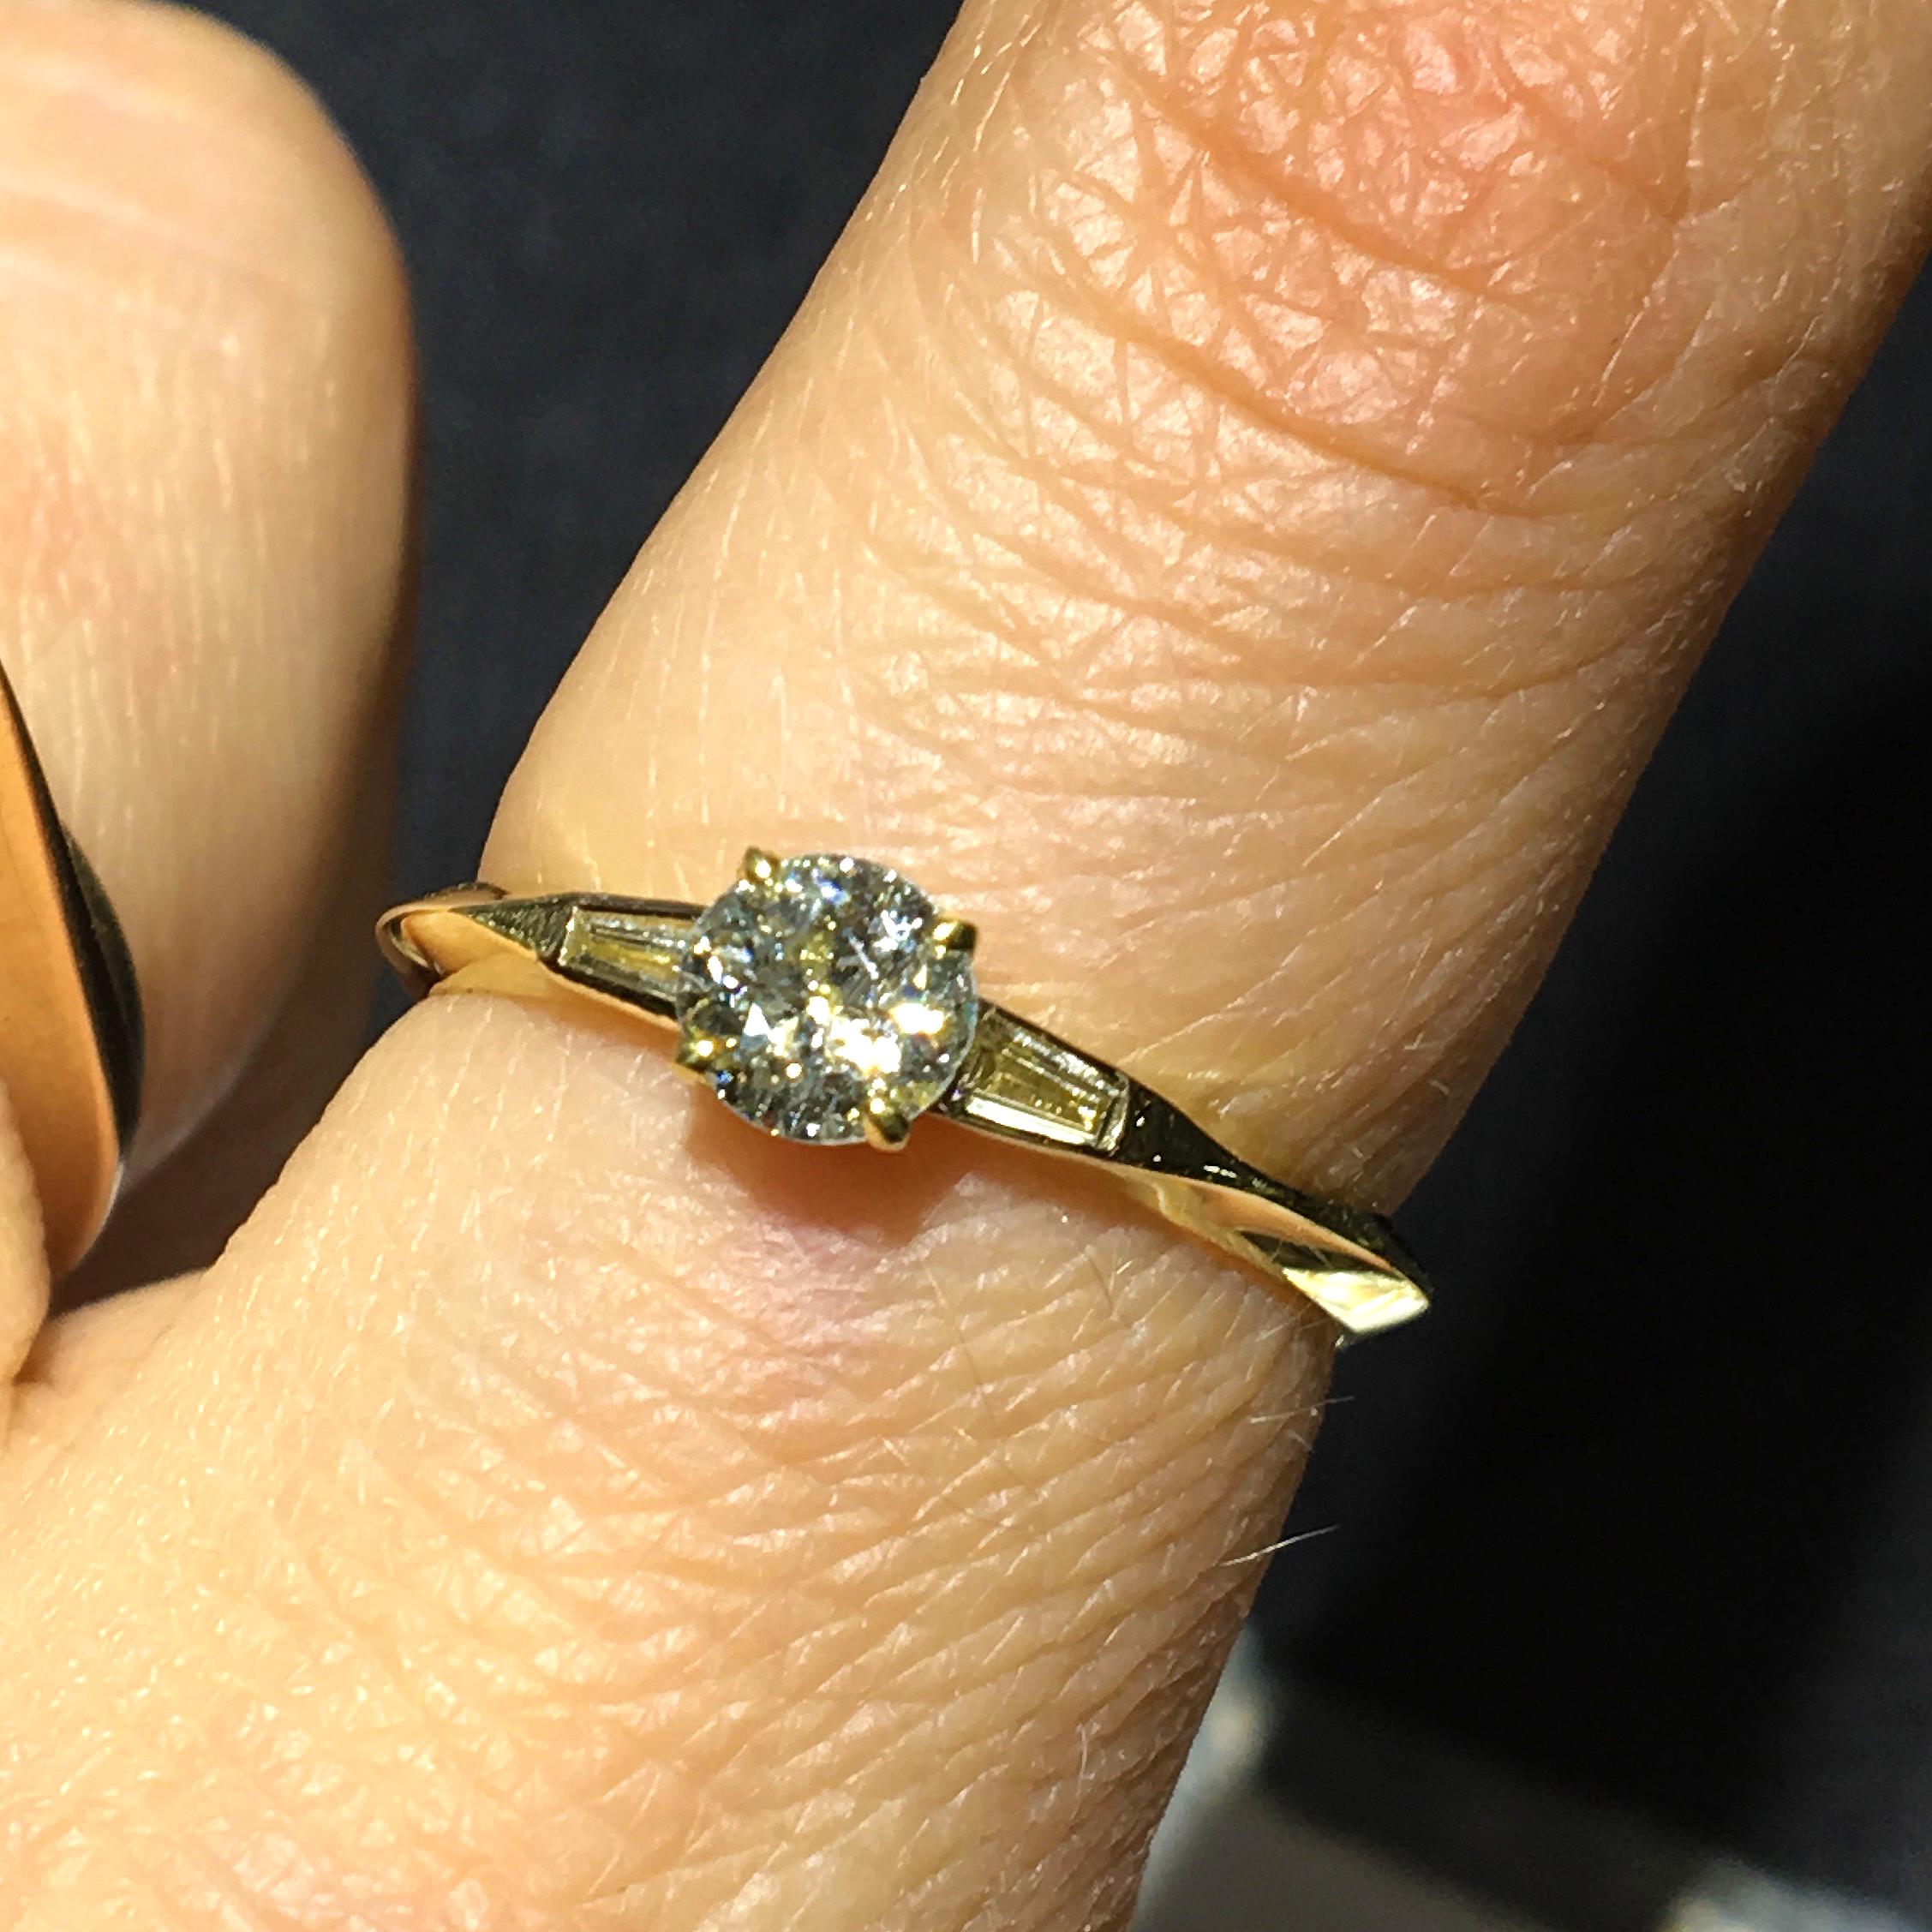 christian ring.jpg